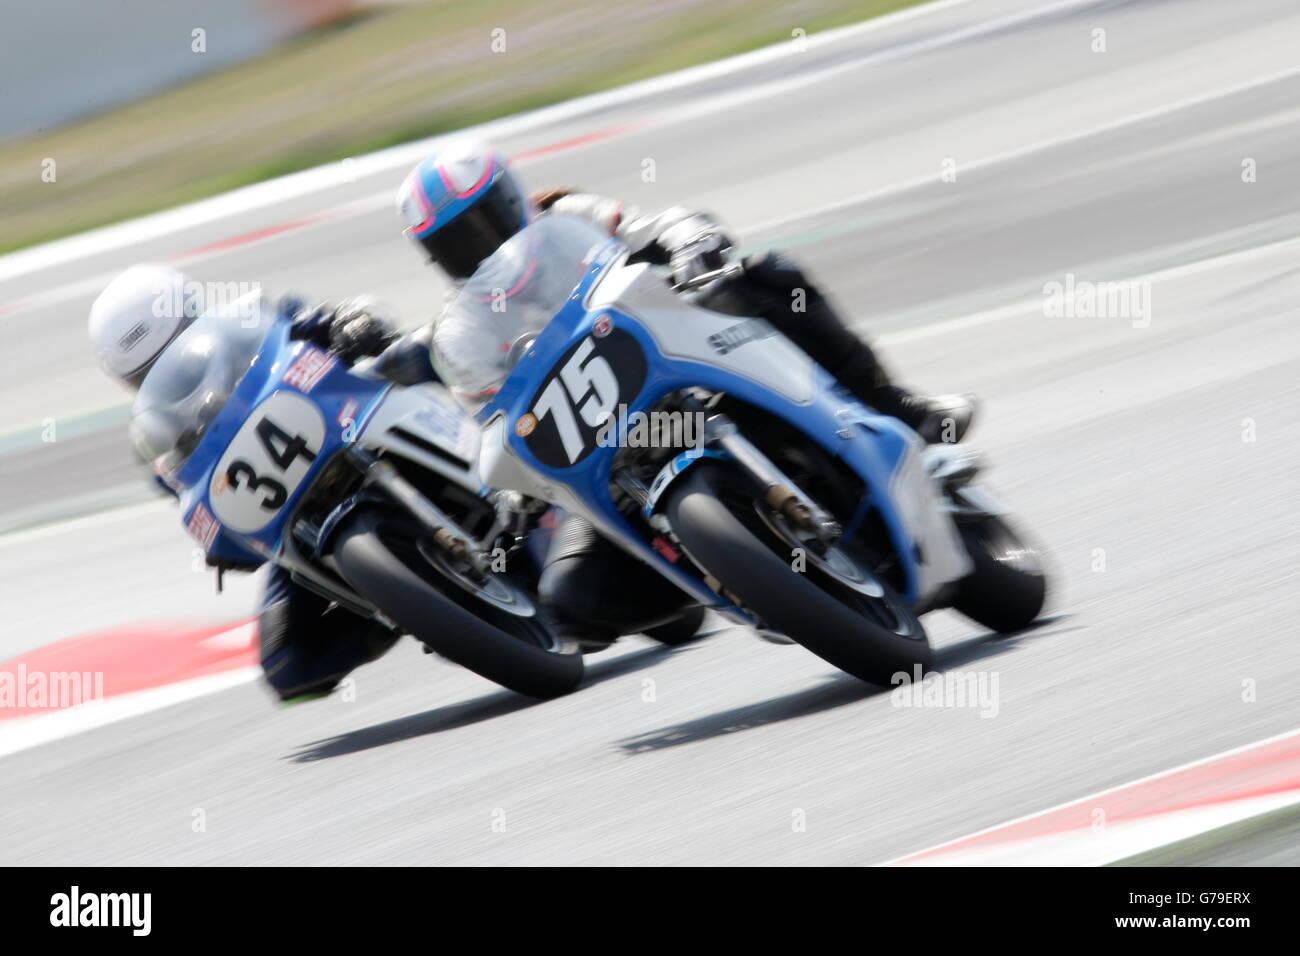 Barcelona, Spain. 26th June, 2016. OLIVERAS VENTEJO, IMMA motor bike number 75 member of the Penya Motorista Barcelona - Stock Image